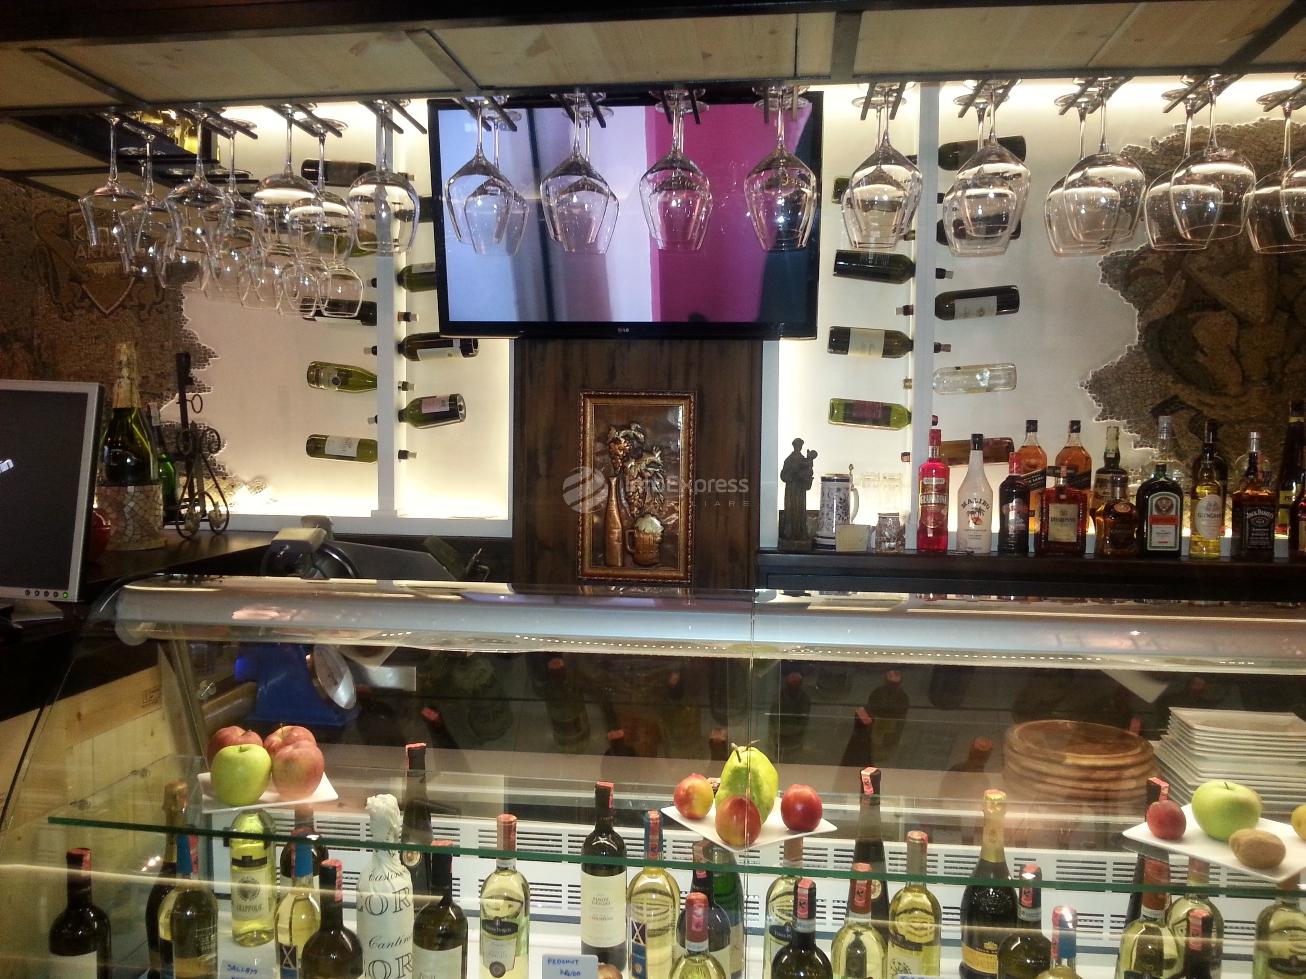 TRR-1015-282 Bar-kafe, vinoteke me qera ne Tirane te Re